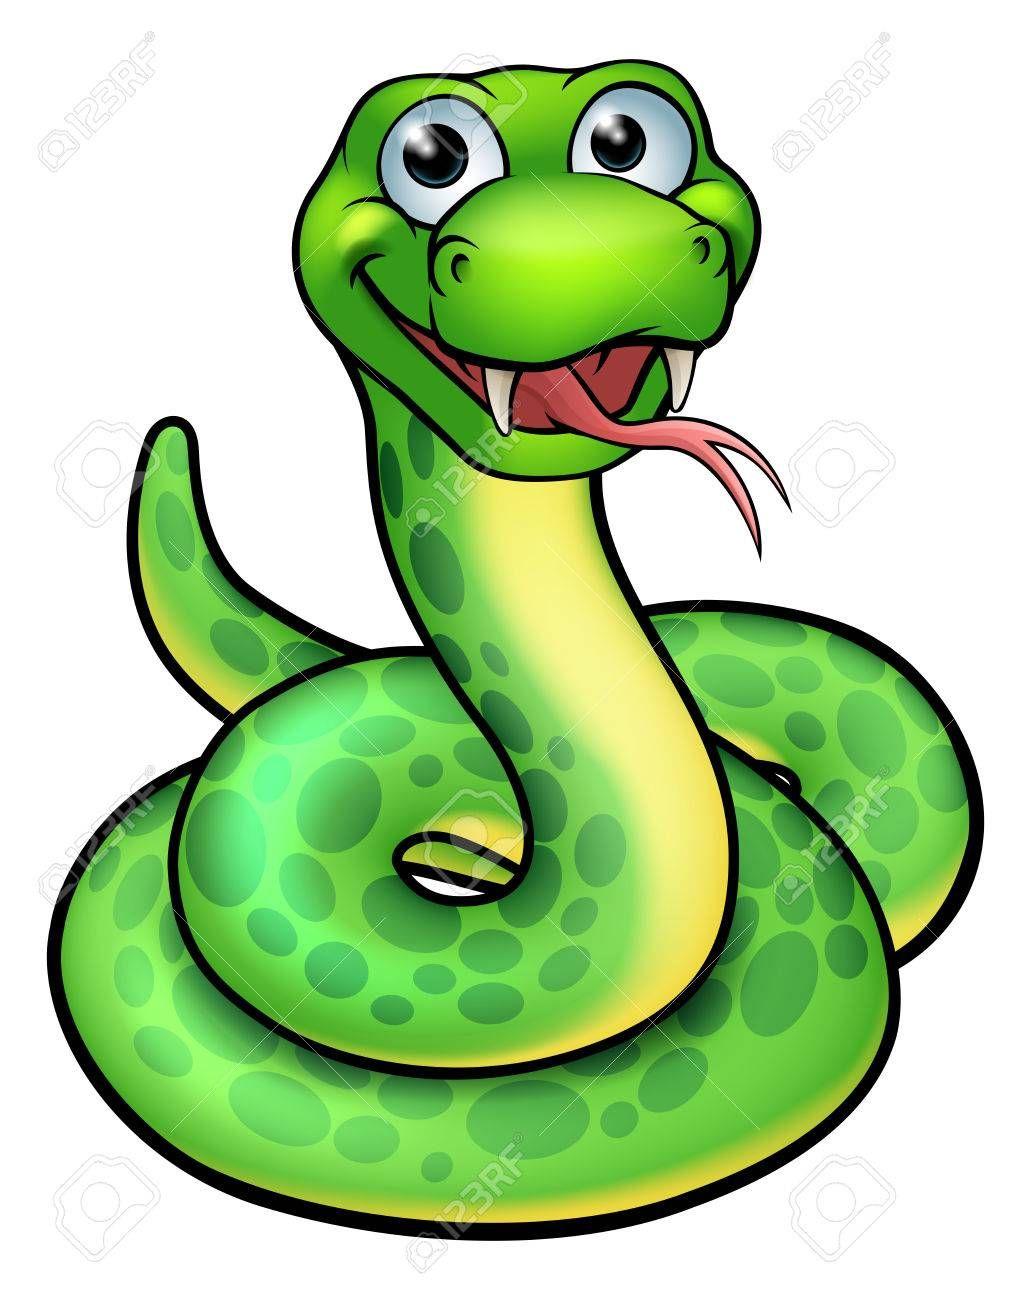 An Illustration Of A Cute Cartoon Snake Mascot Sponsored Cute Illustration Cartoon Mascot Snake Bilder Zum Ausdrucken Ausdrucken Dschungelbuch